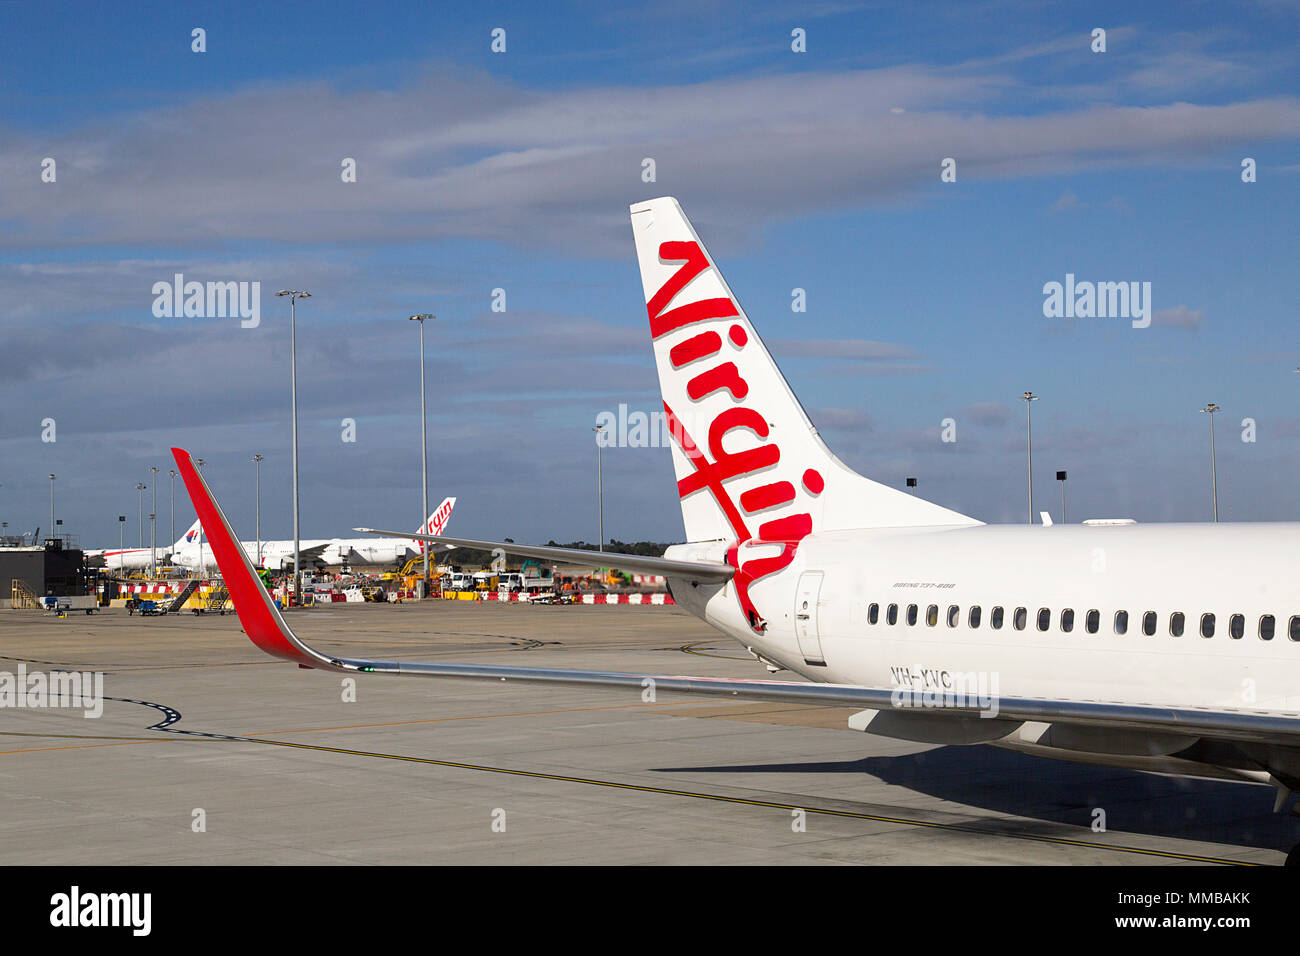 Melbourne, Australia: Marzo 26, 2018: Australia Virgen aeroplano en la pista de aterrizaje en el aeropuerto Tullamarine de Melbourne. Imagen De Stock